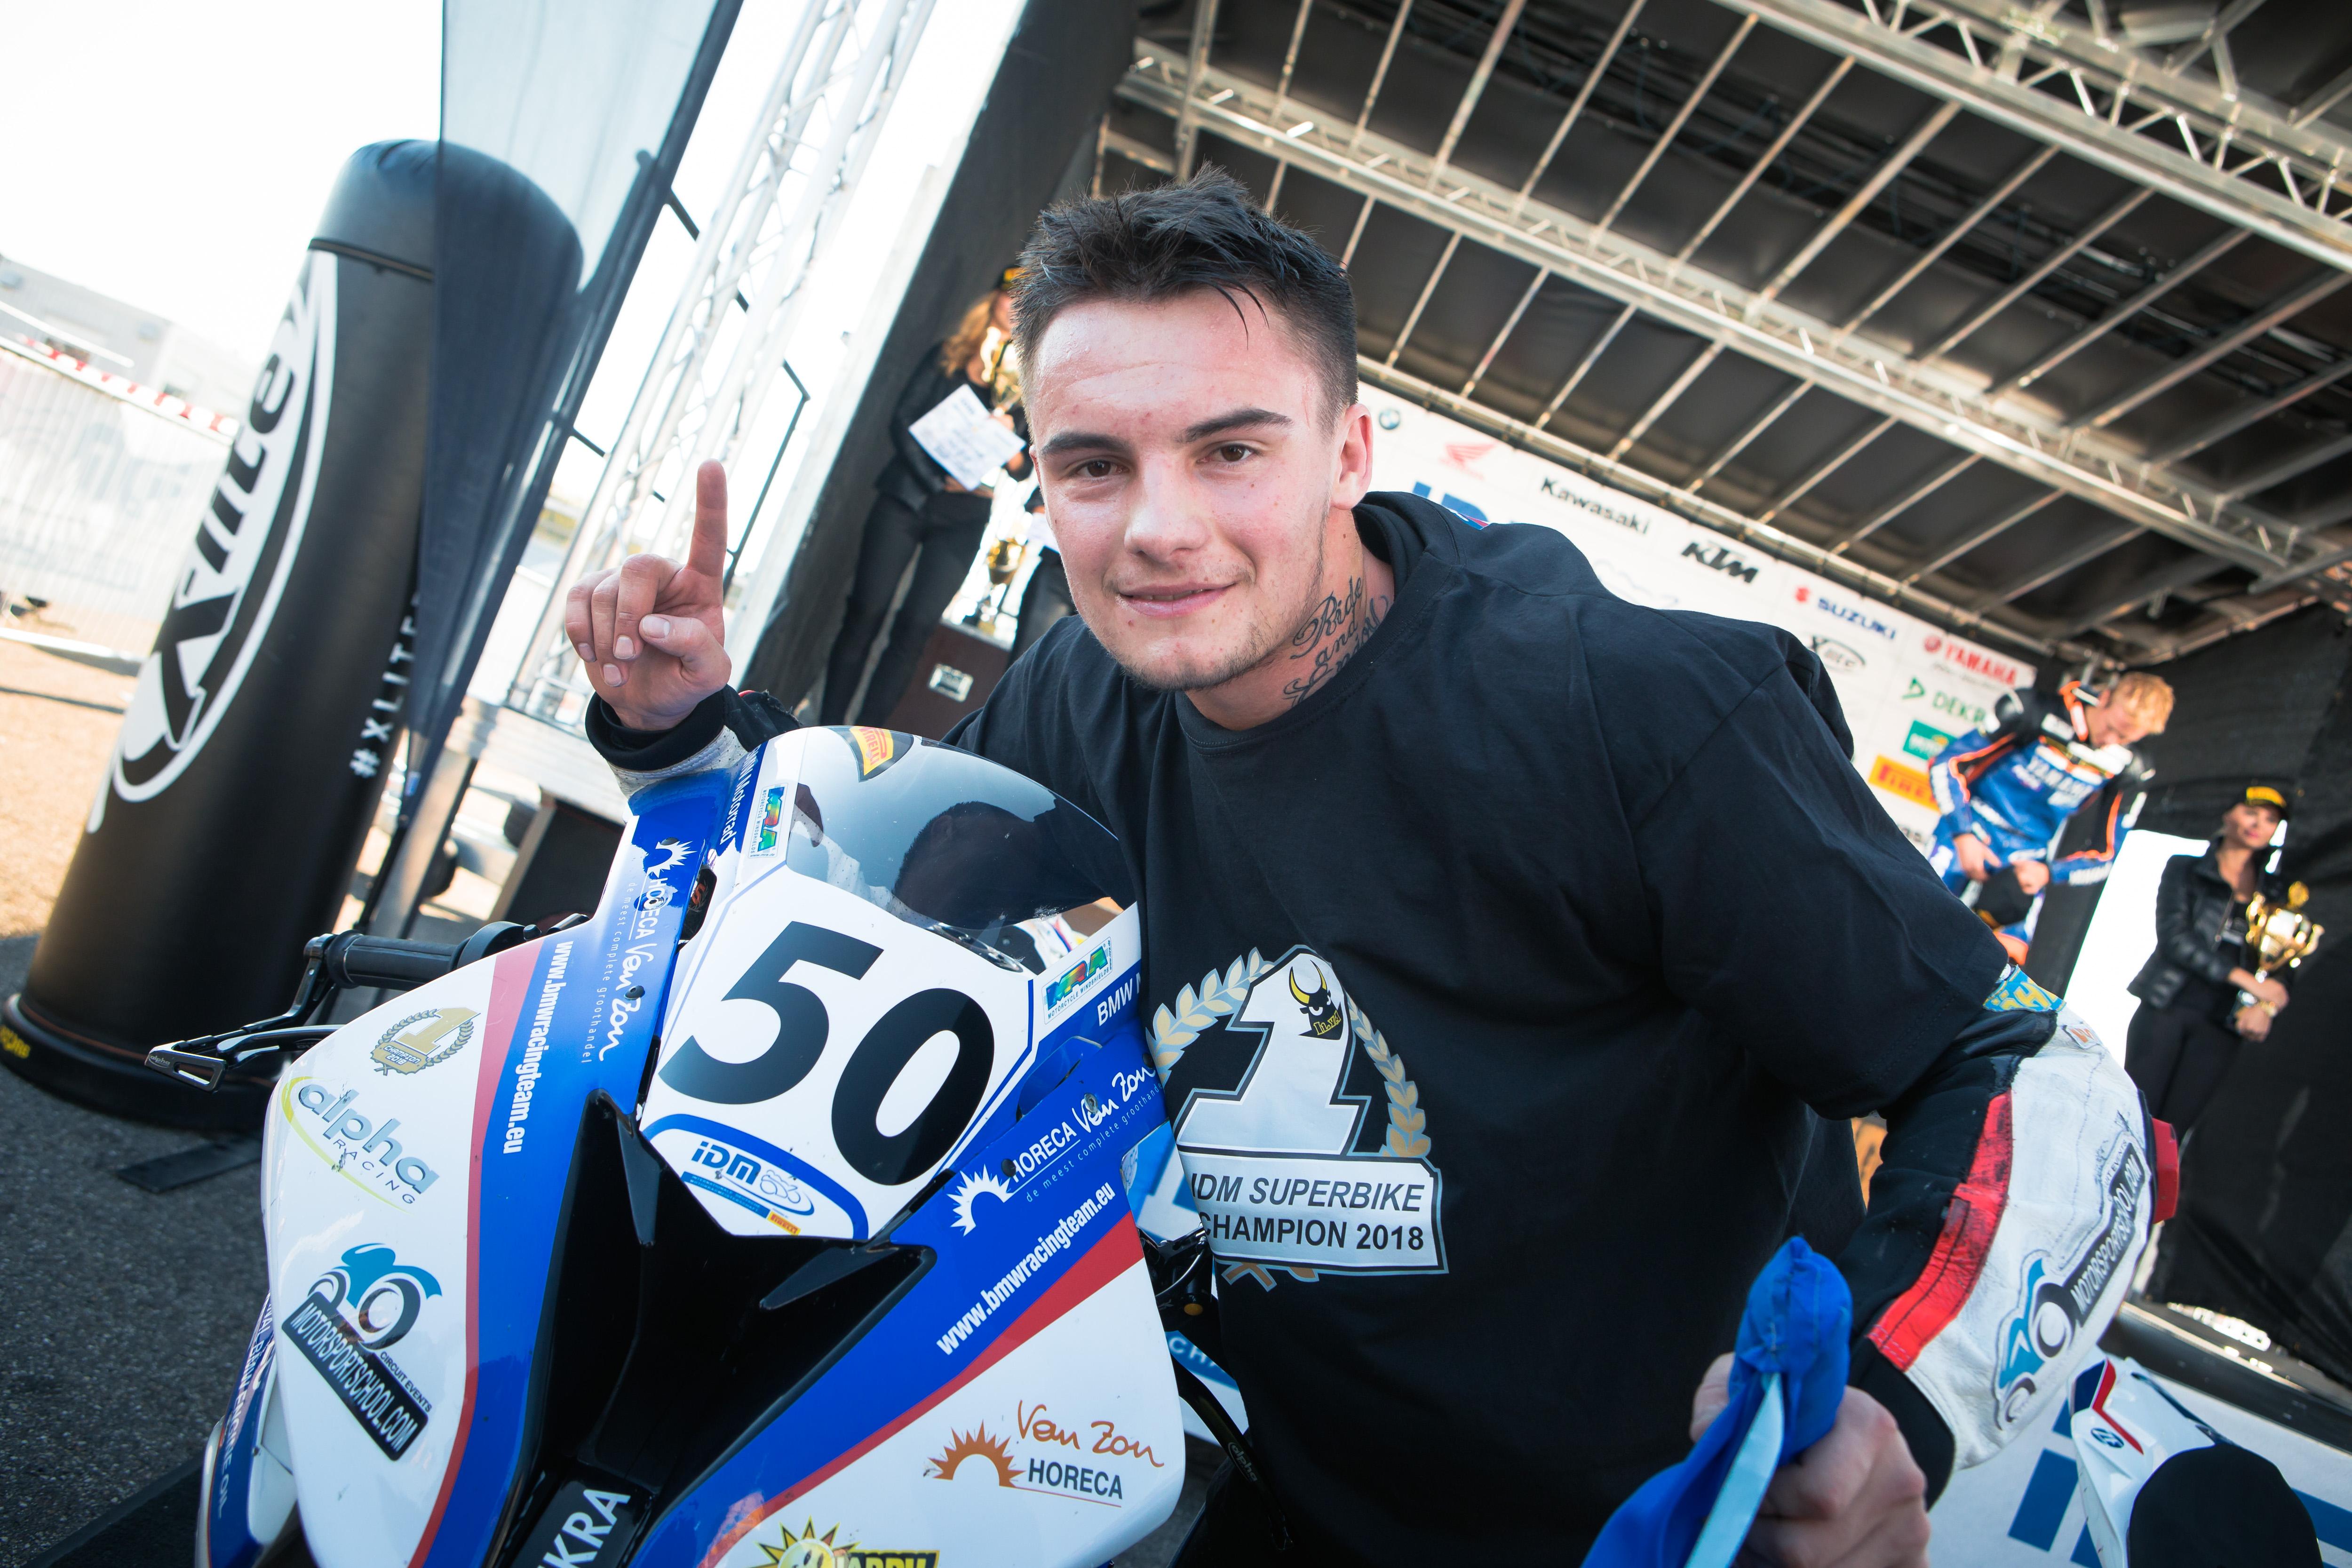 IDM Superbike 1000: Ilya Mikhalchik holt den Titel und zeigt Emotionen